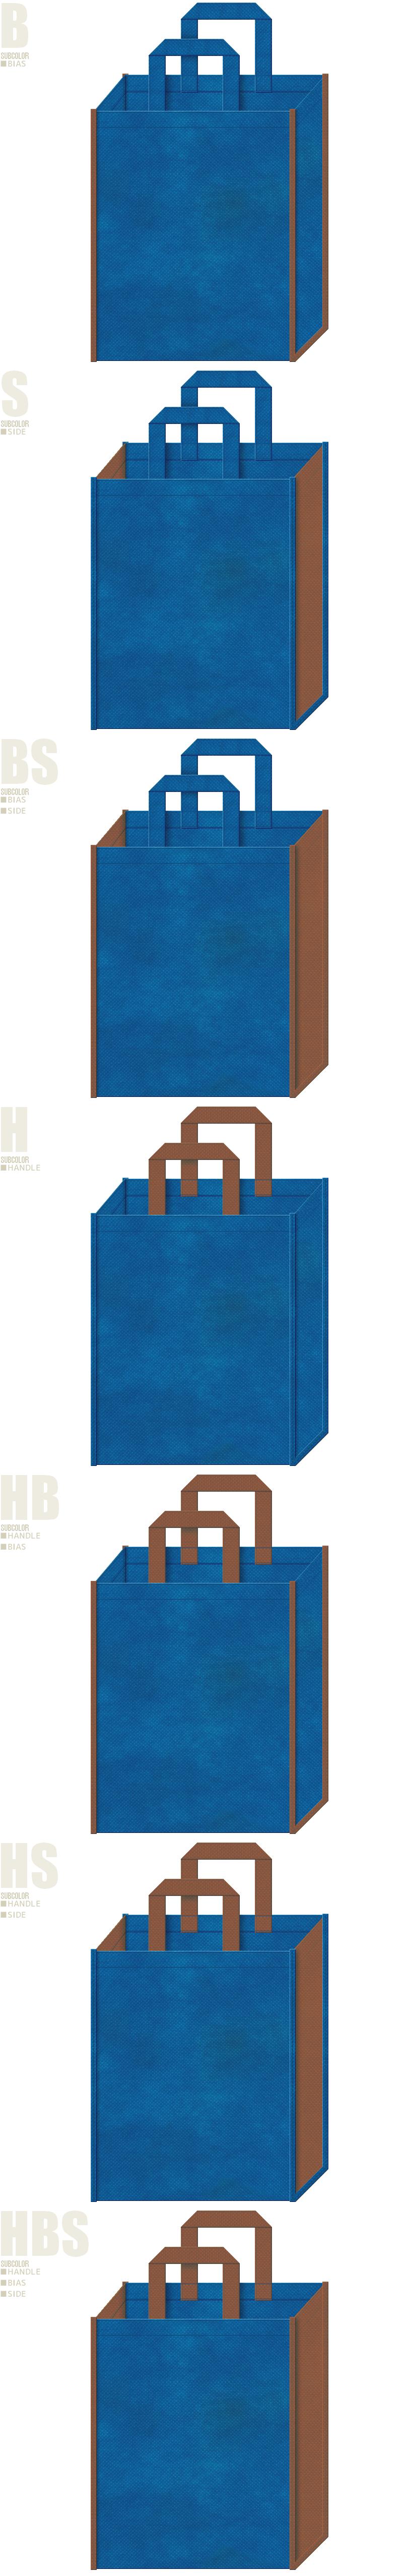 青色と茶色の不織布バッグデザイン:配色7パターン